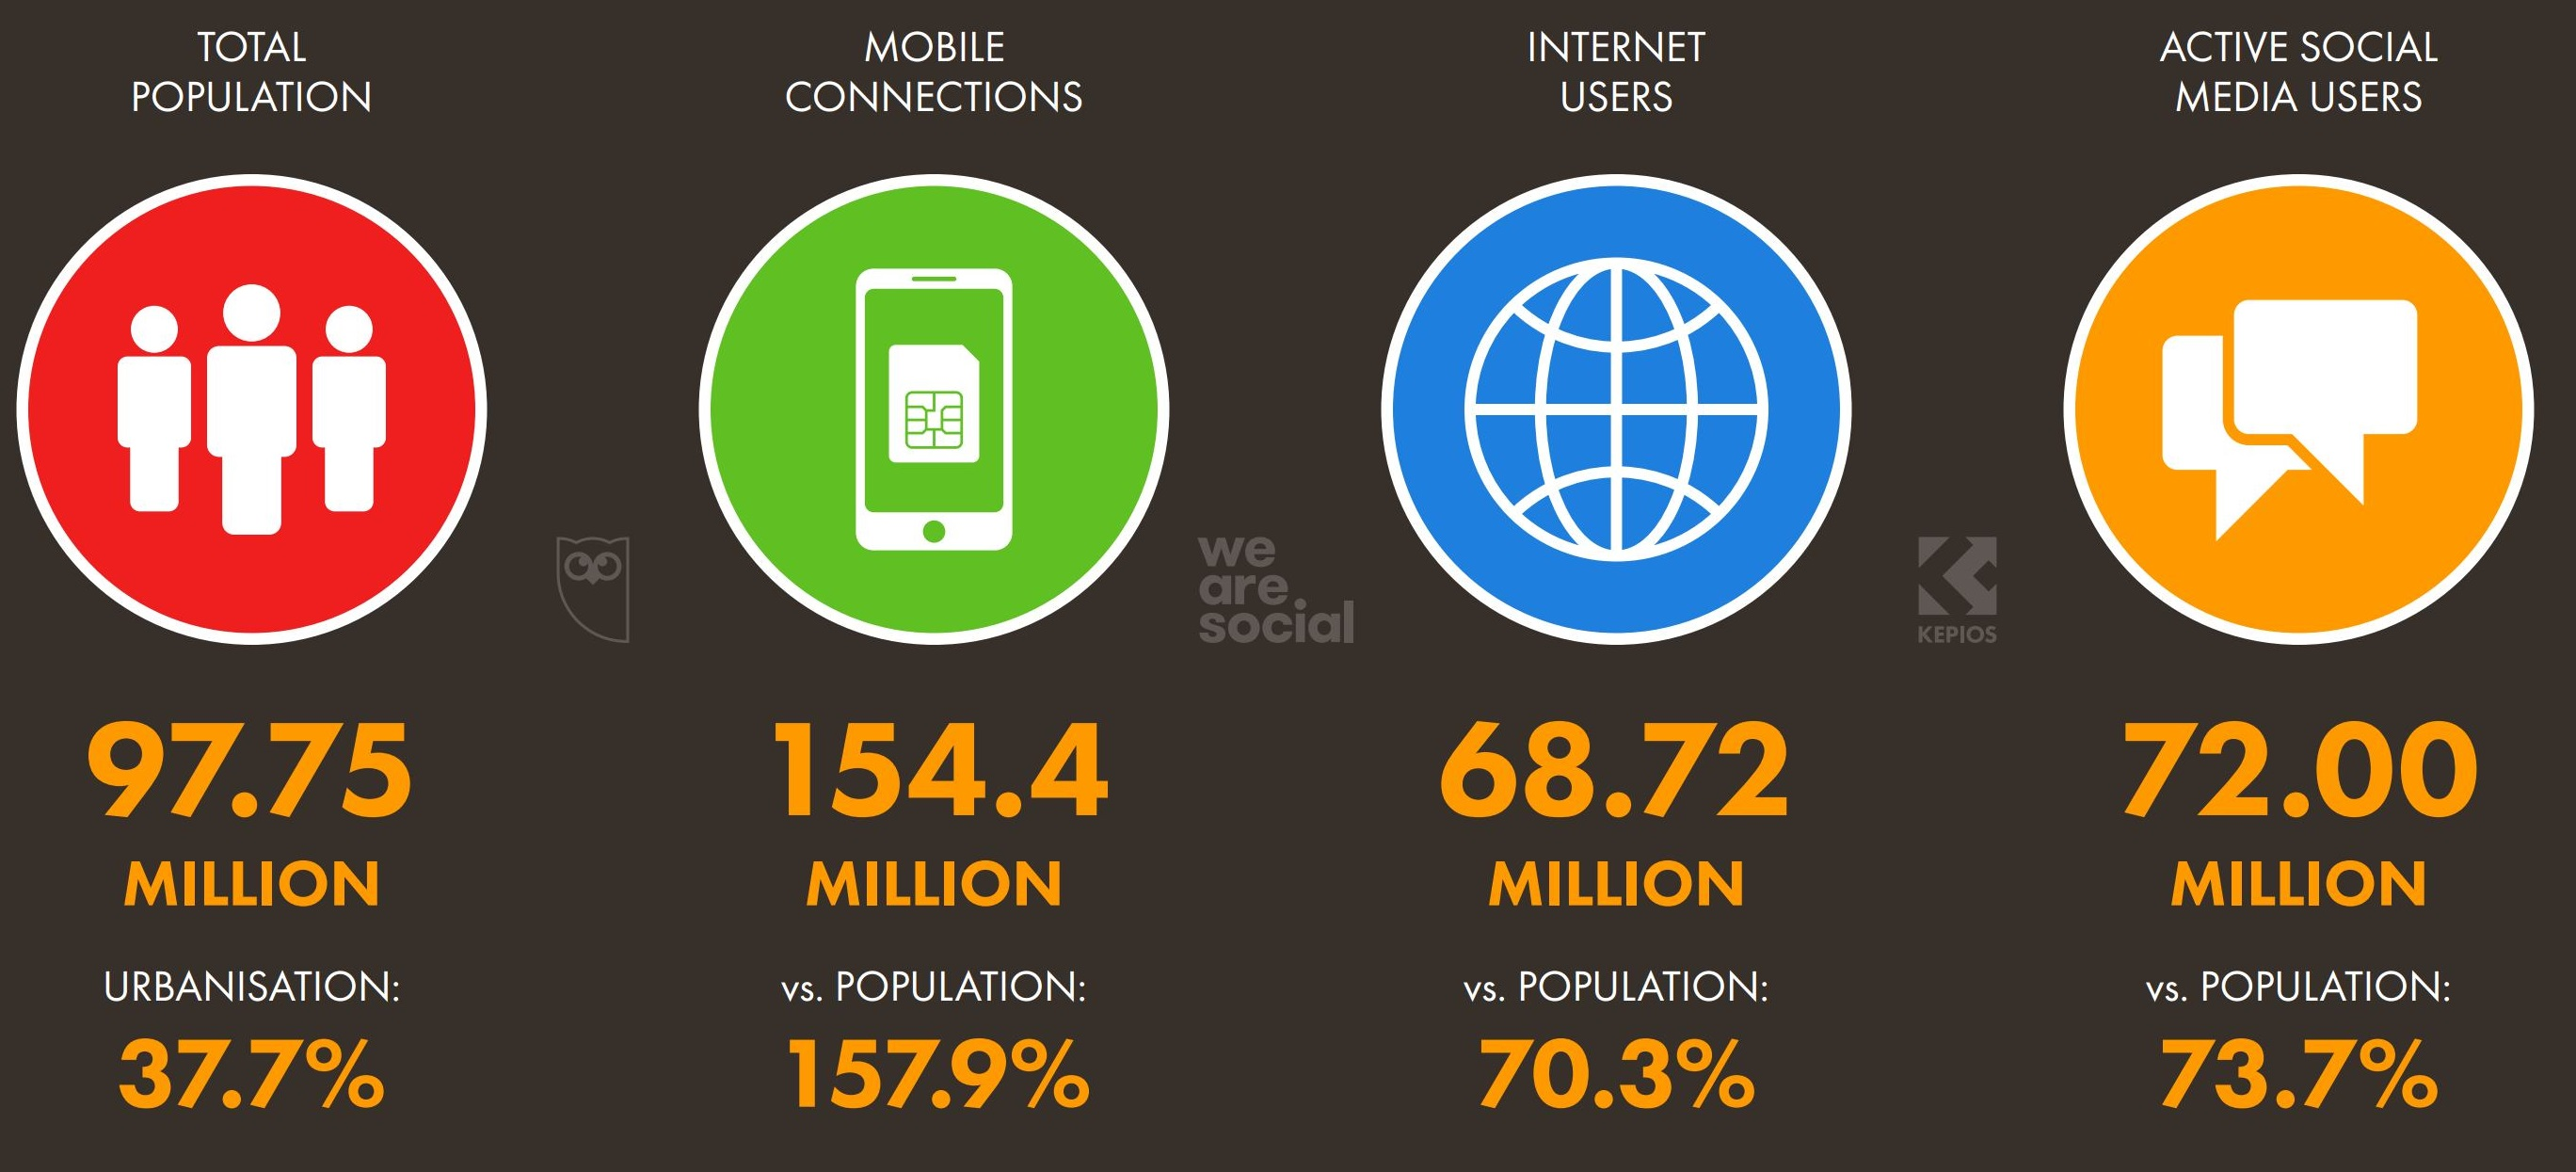 Số người dùng internet và mạng xã hội ở Việt Nam tính tới tháng 1 năm 2021